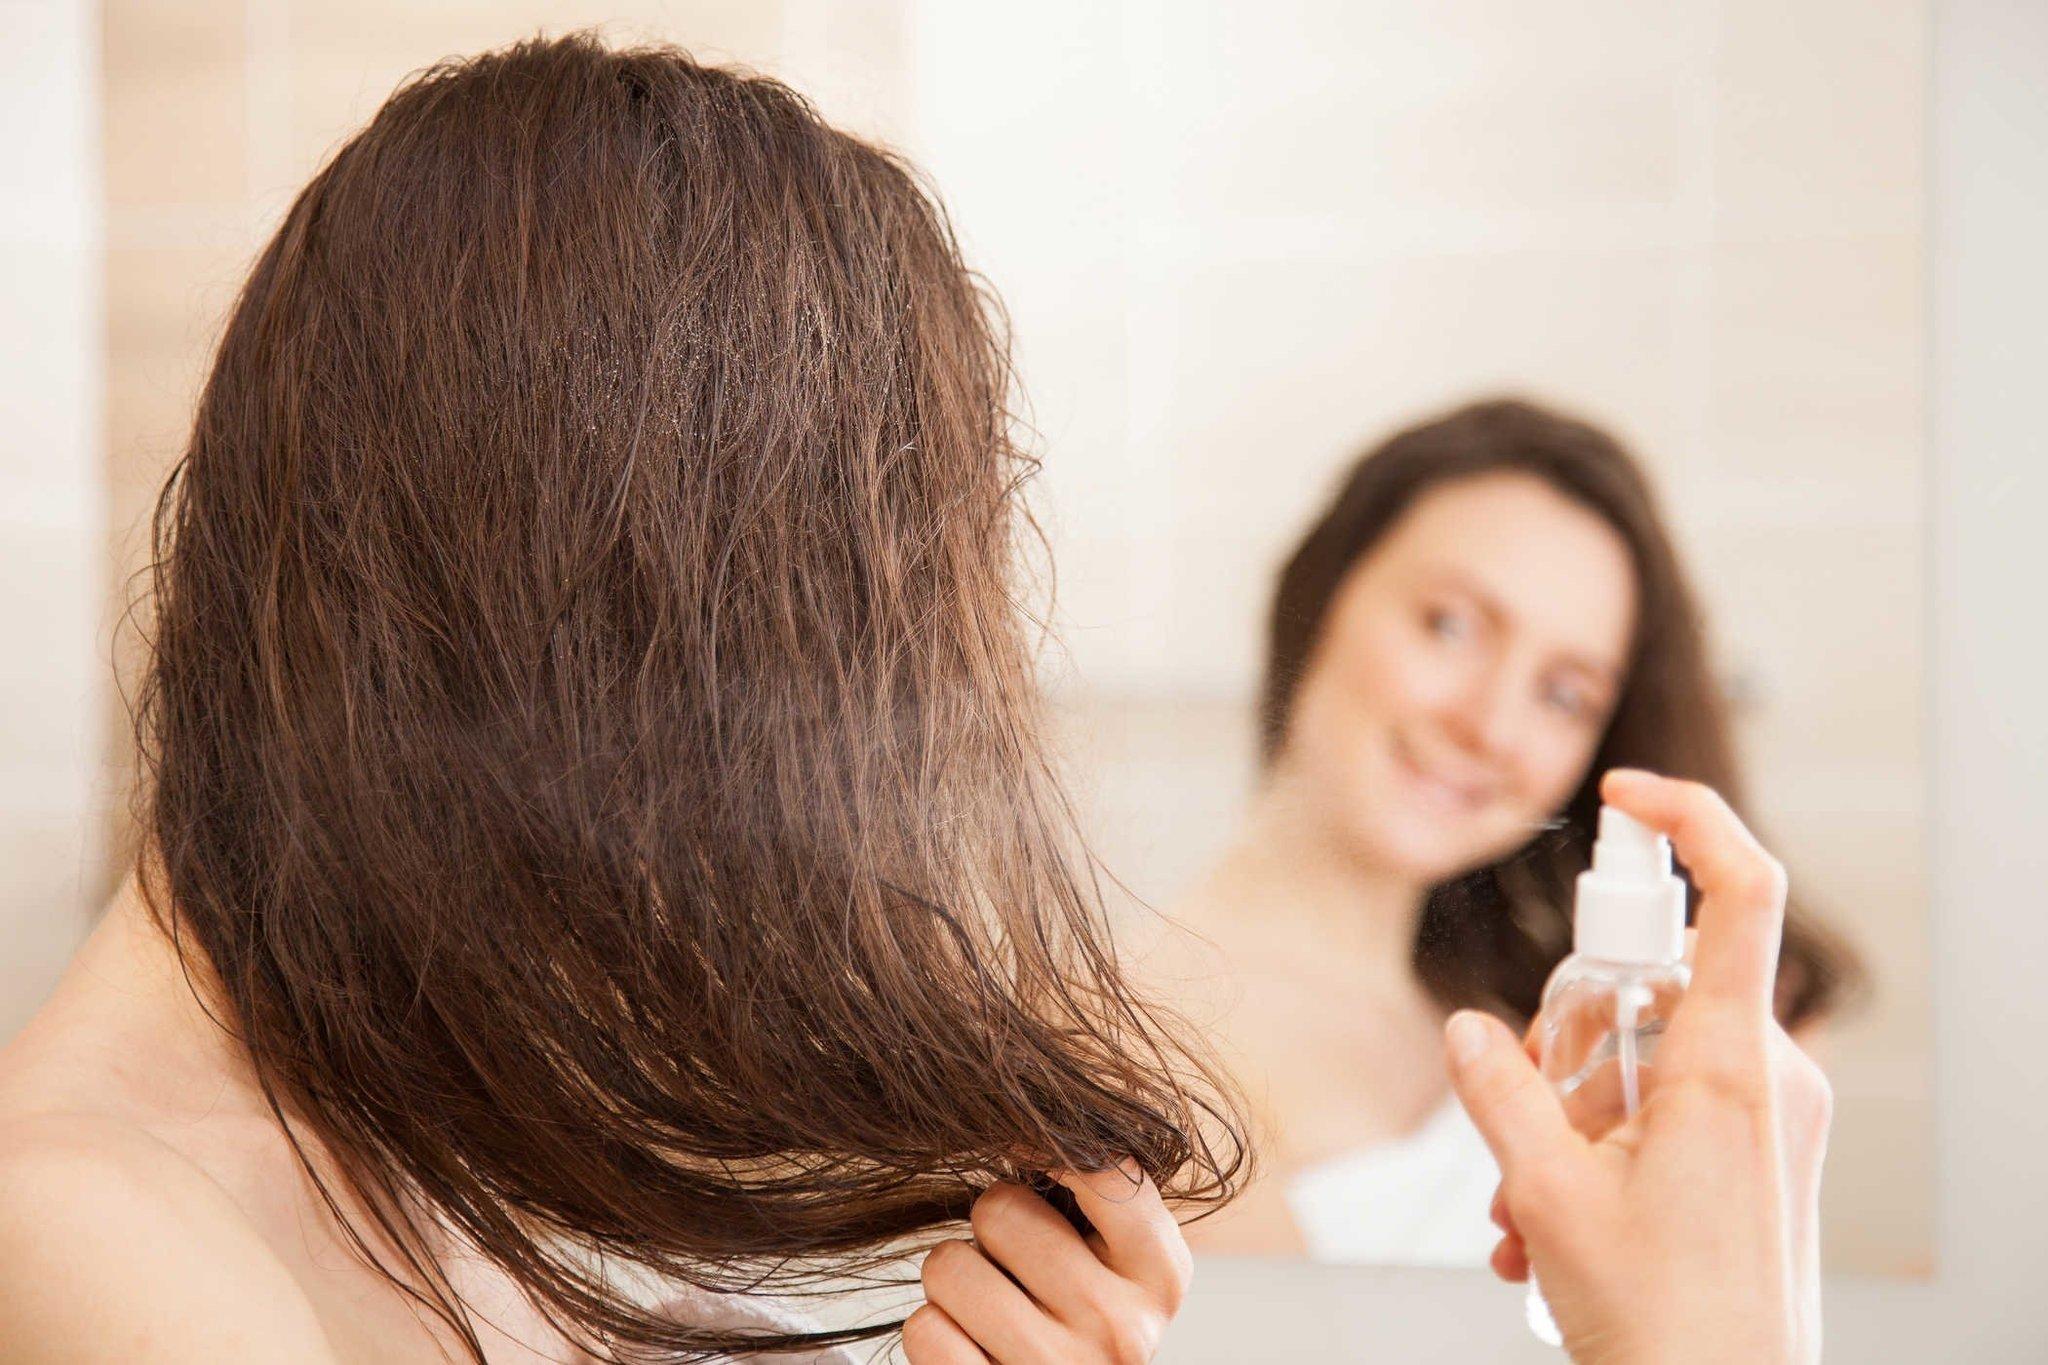 ТОП-5 лосьонов для активации роста волос